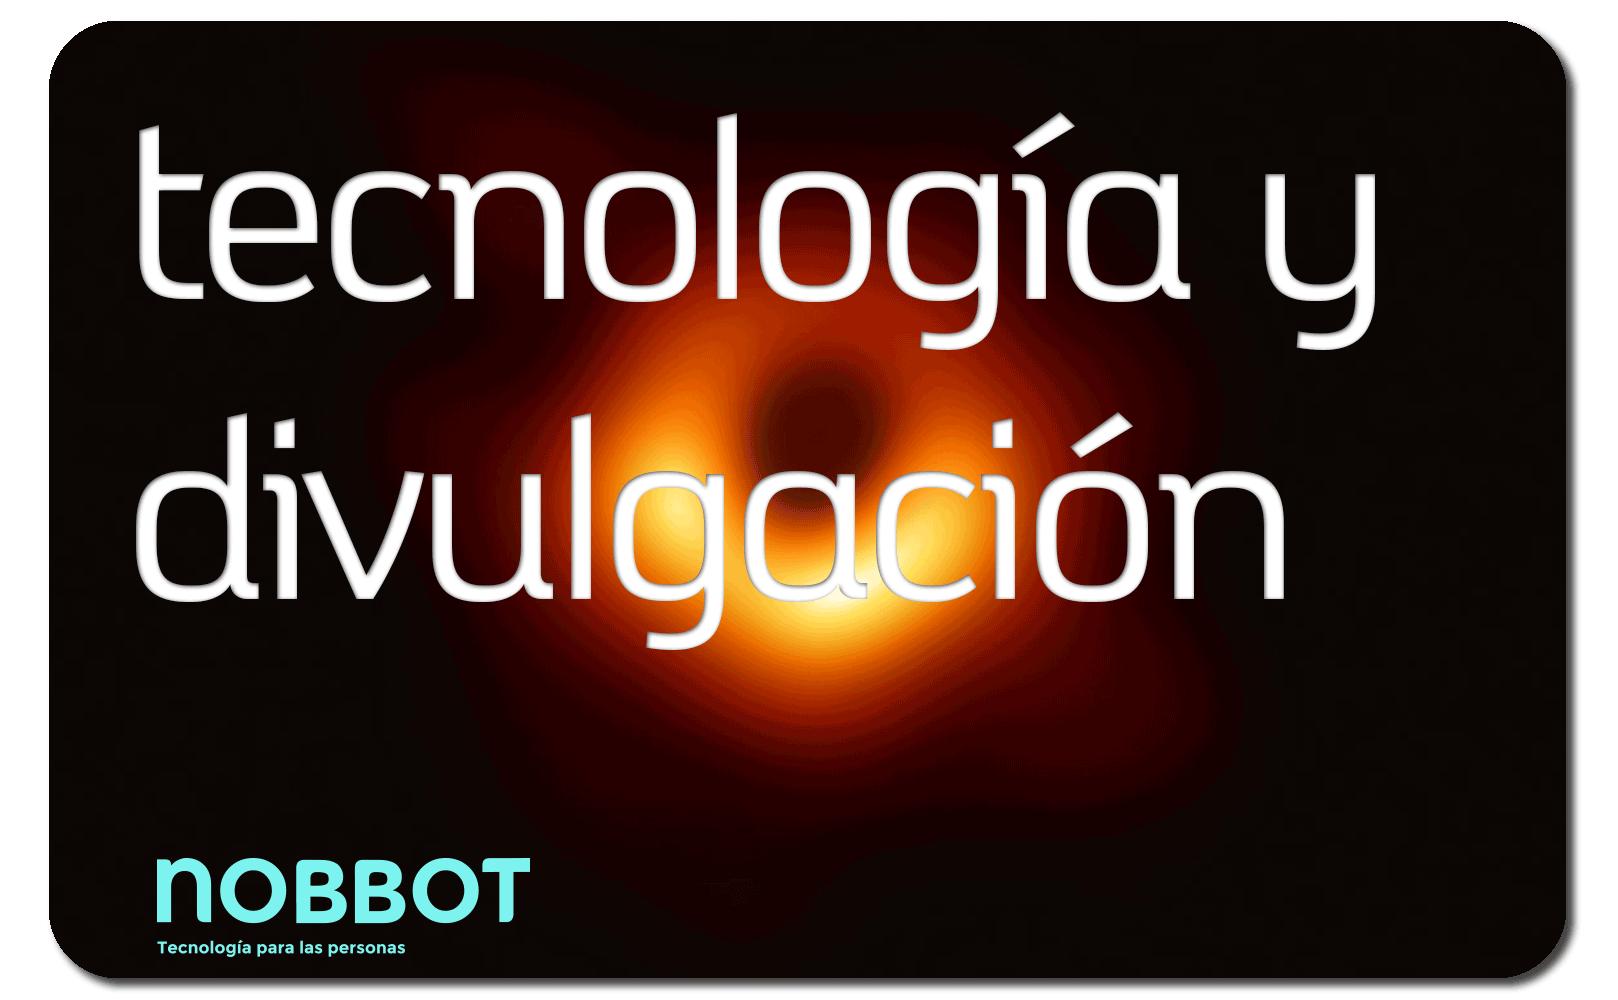 redaccion-profesional-articulos-tecnologia-divulgacion-ensayo-nobbot-orange